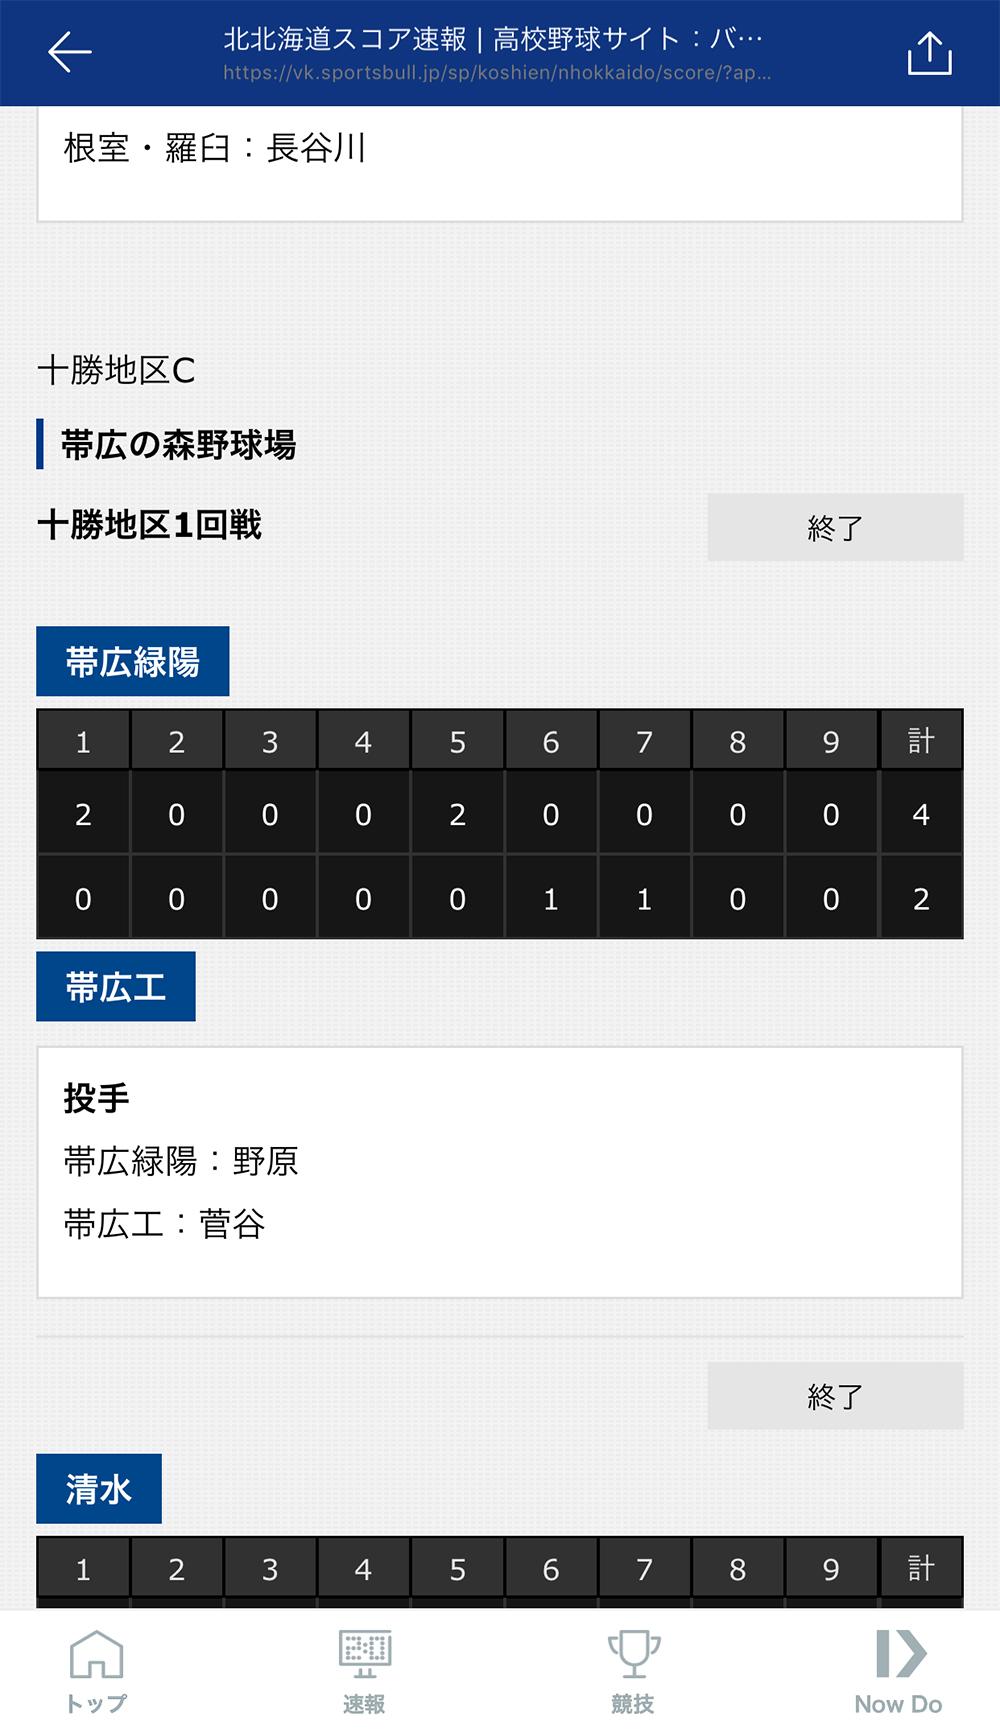 バーチャル高校野球 イニング速報詳細